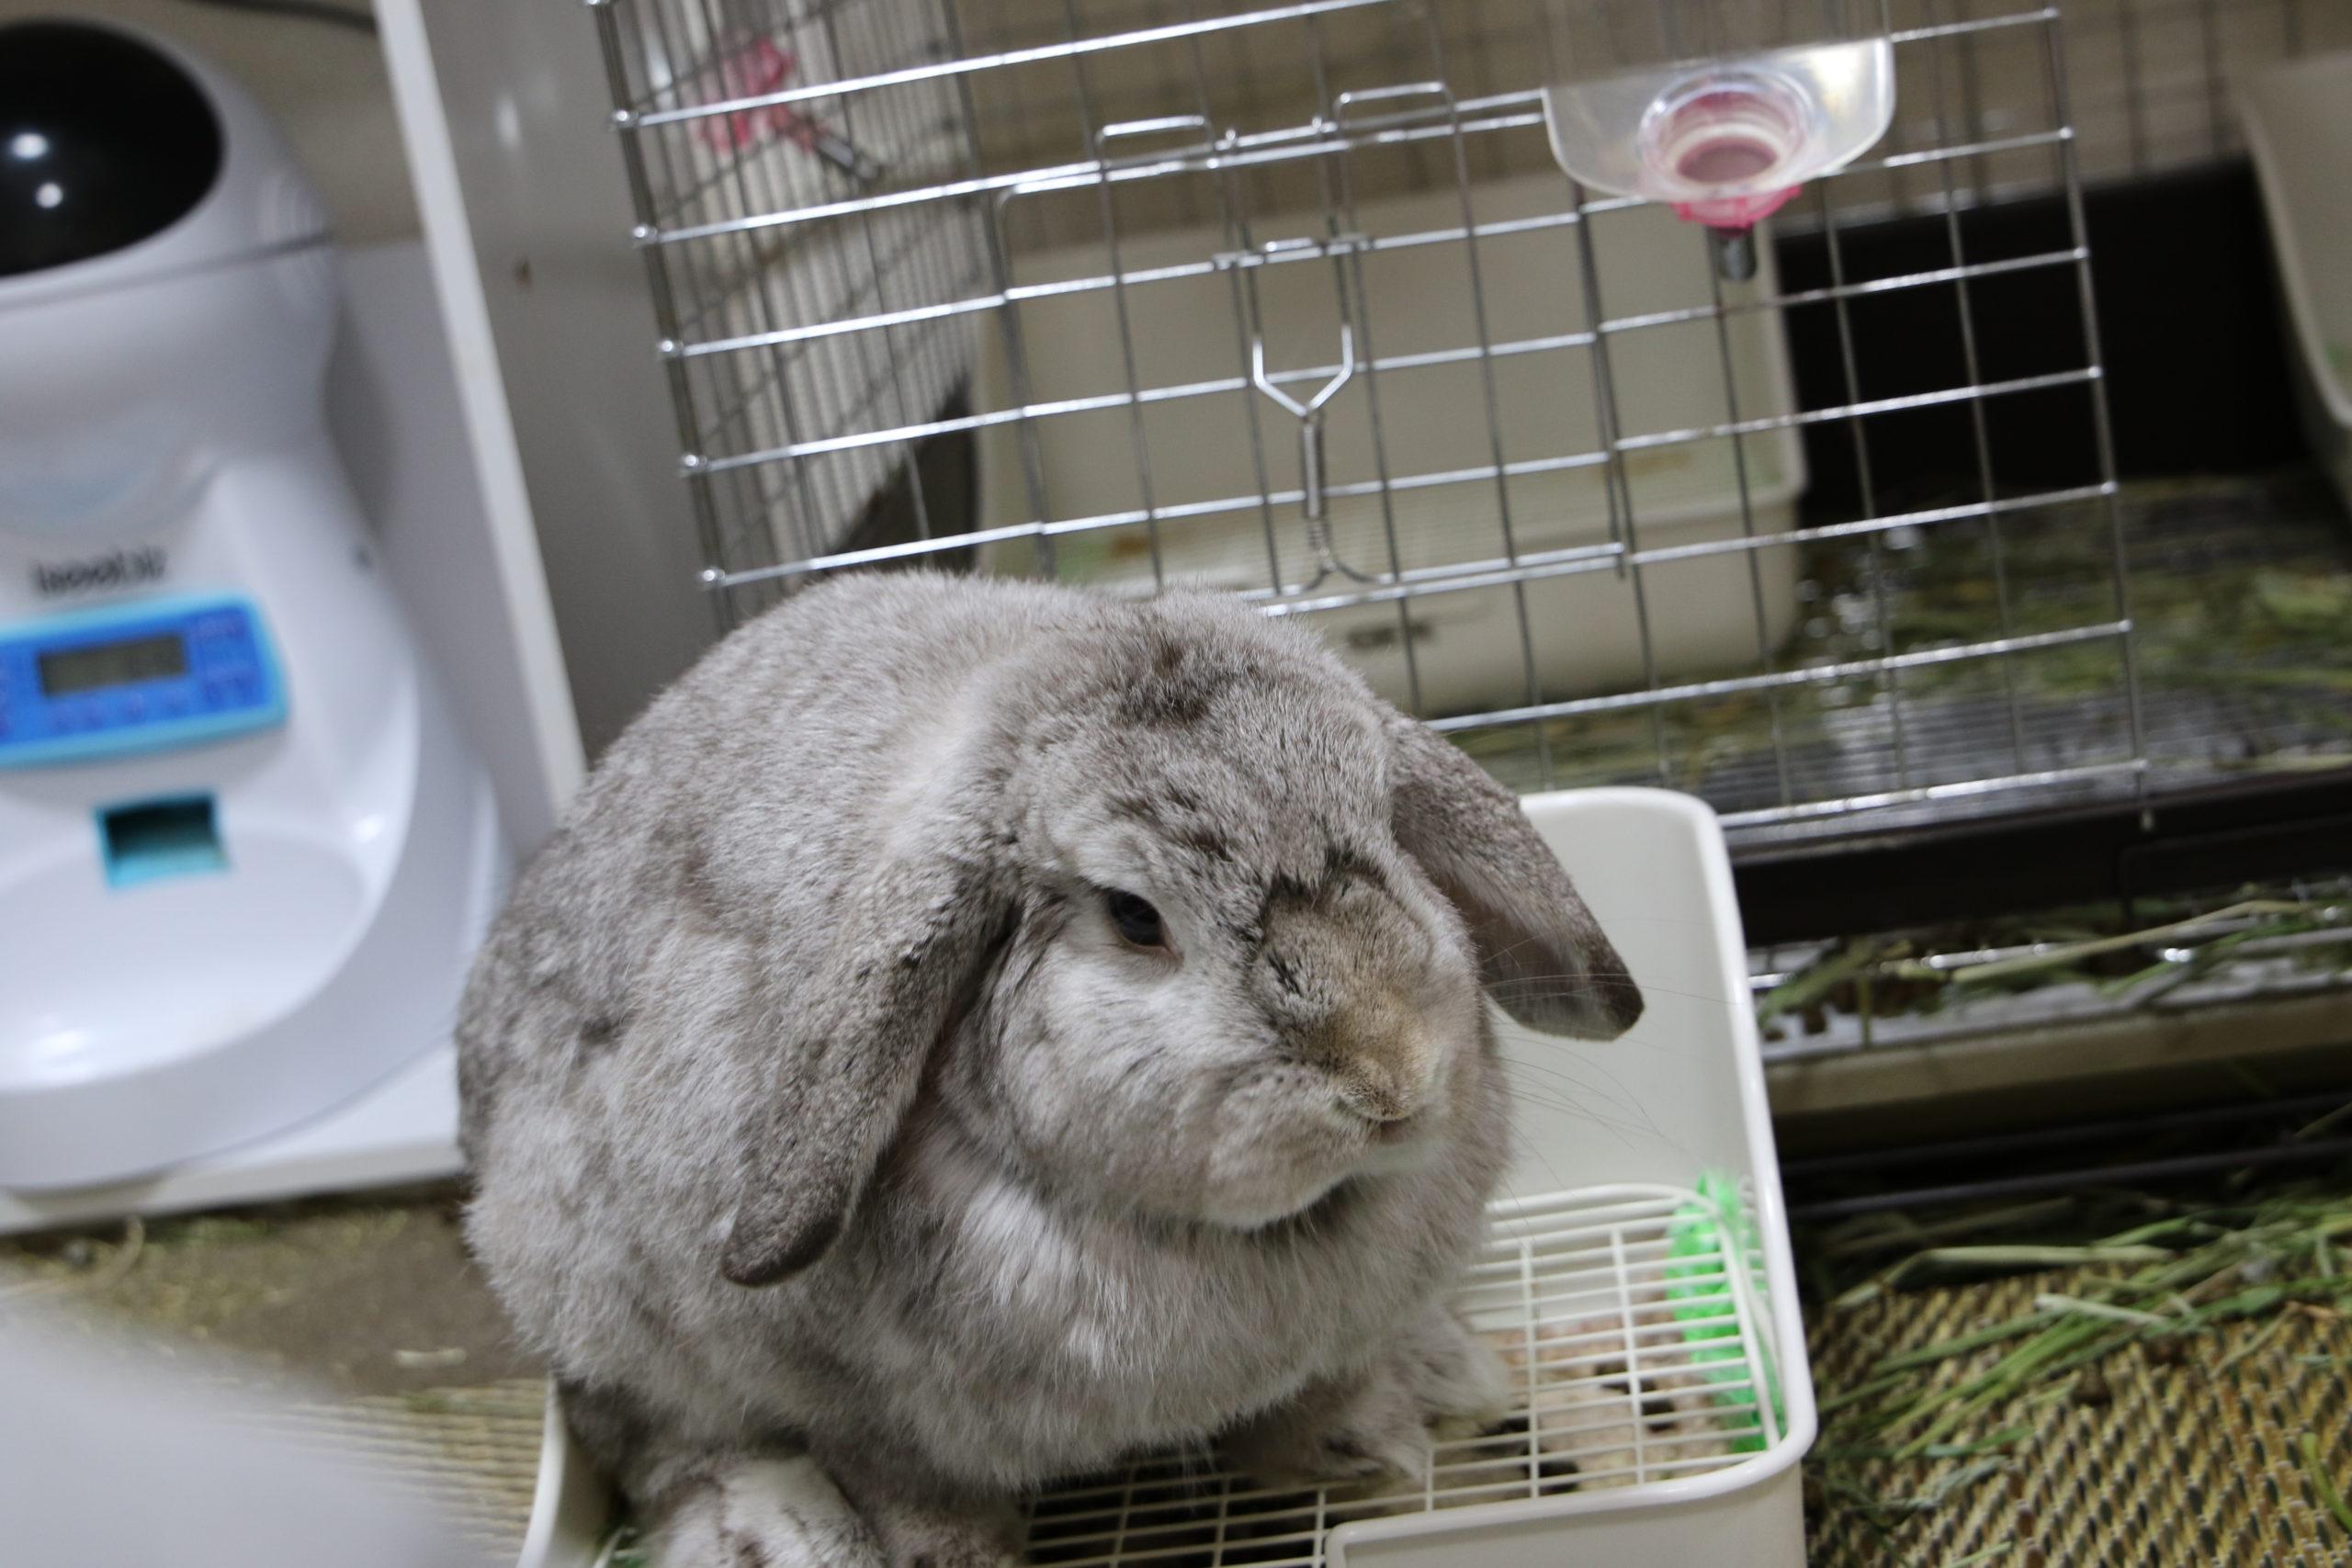 【ズボラ女子とわがままウサギ vol.8】「けまり」の不思議な習慣とチモシーの重要性